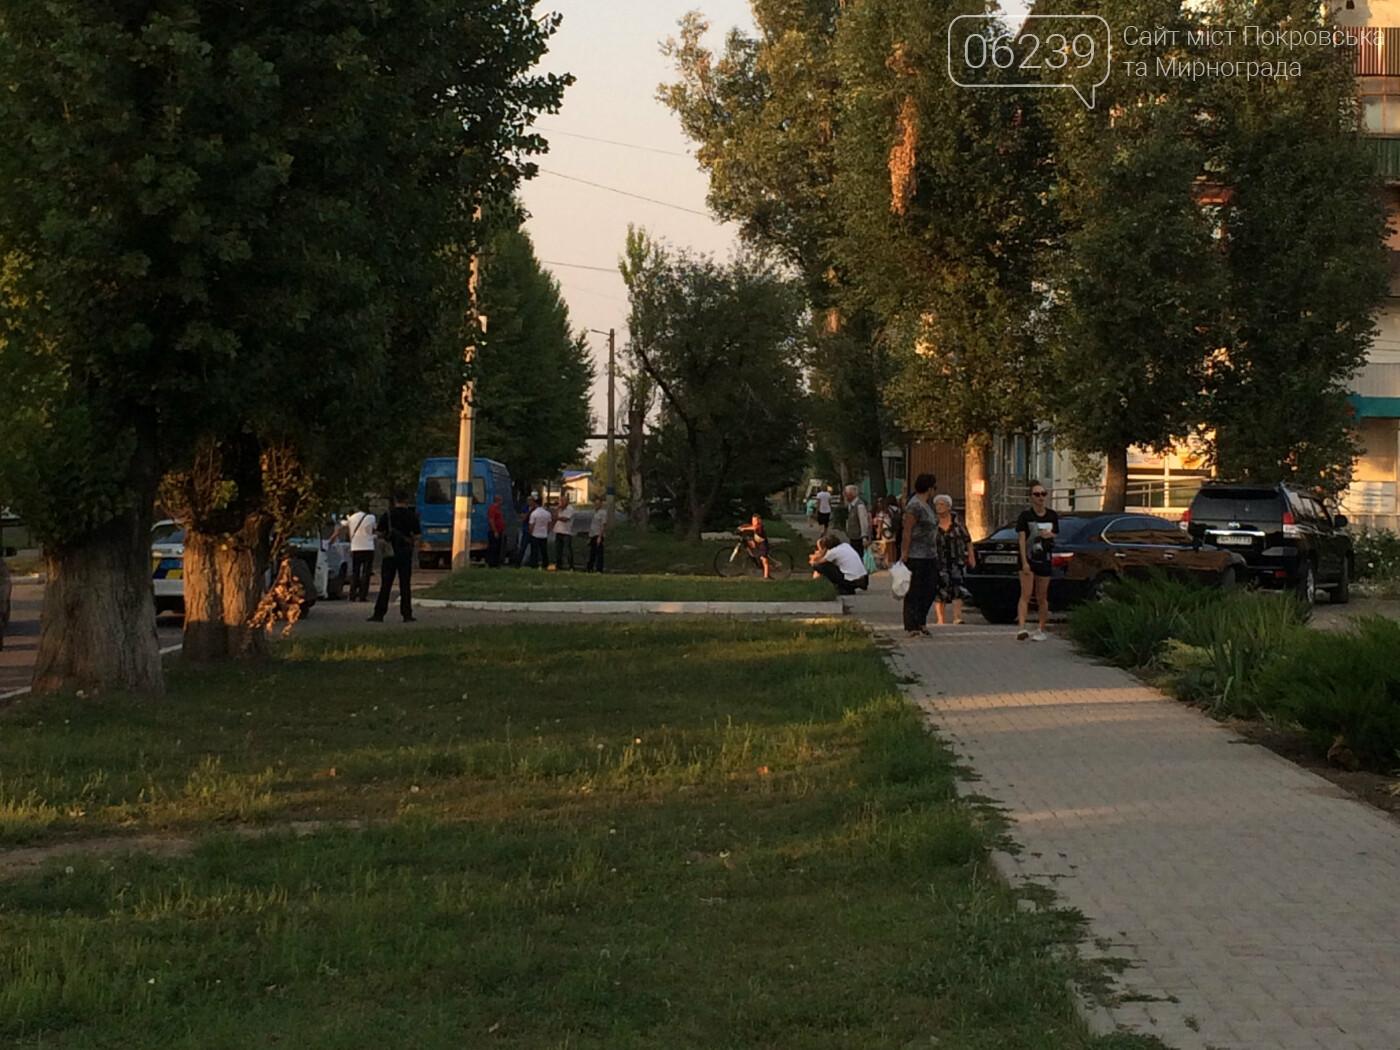 Вчера в Мирнограде произошло ДТП, столкнулись легковушка и мотороллер , фото-2